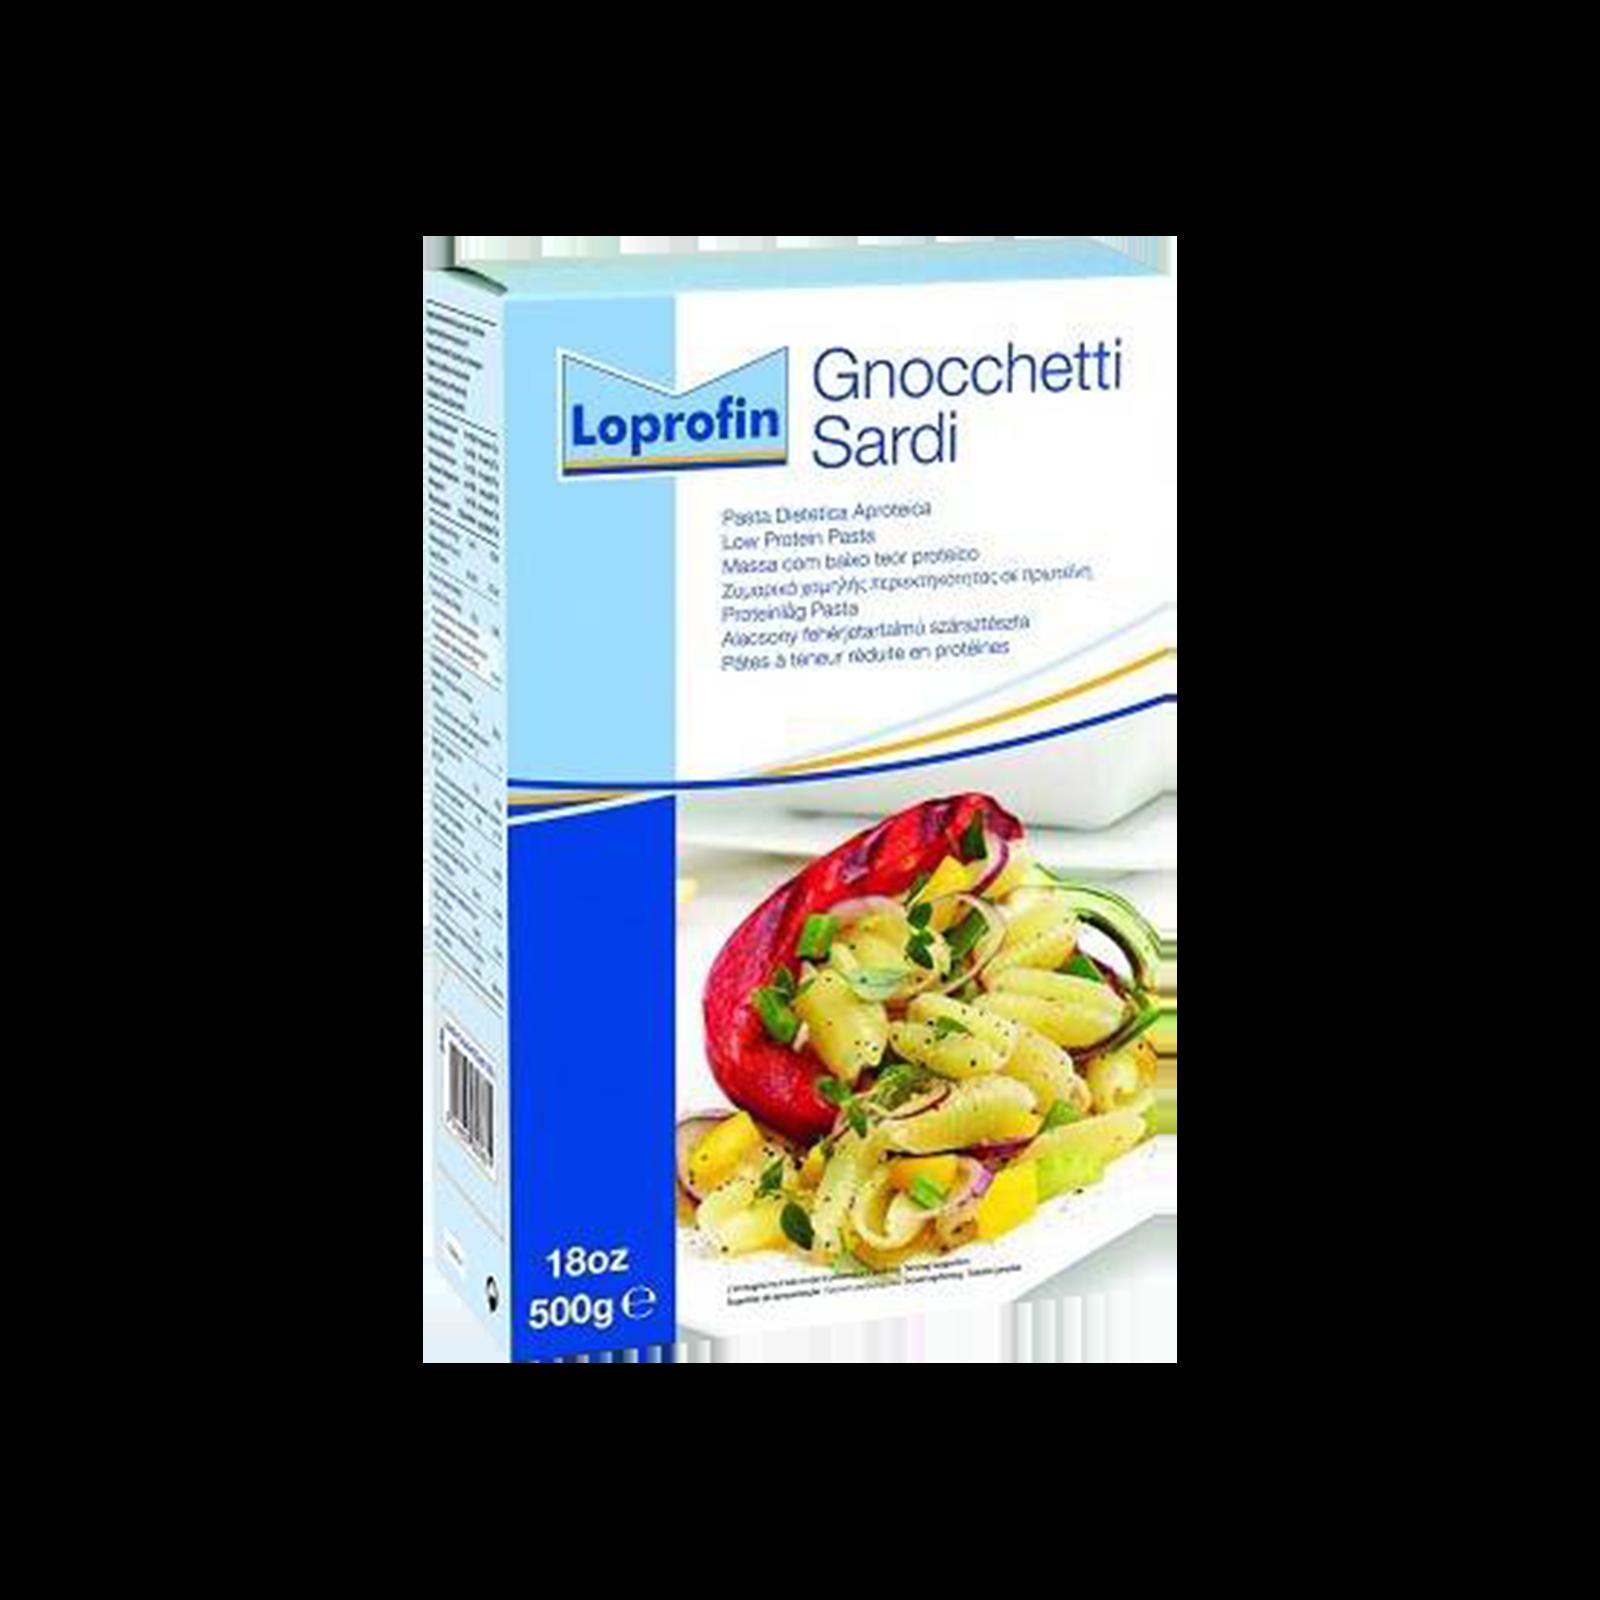 Loprofin Pasta Gnocchetti Sardi scatola da 500g | Nutricia